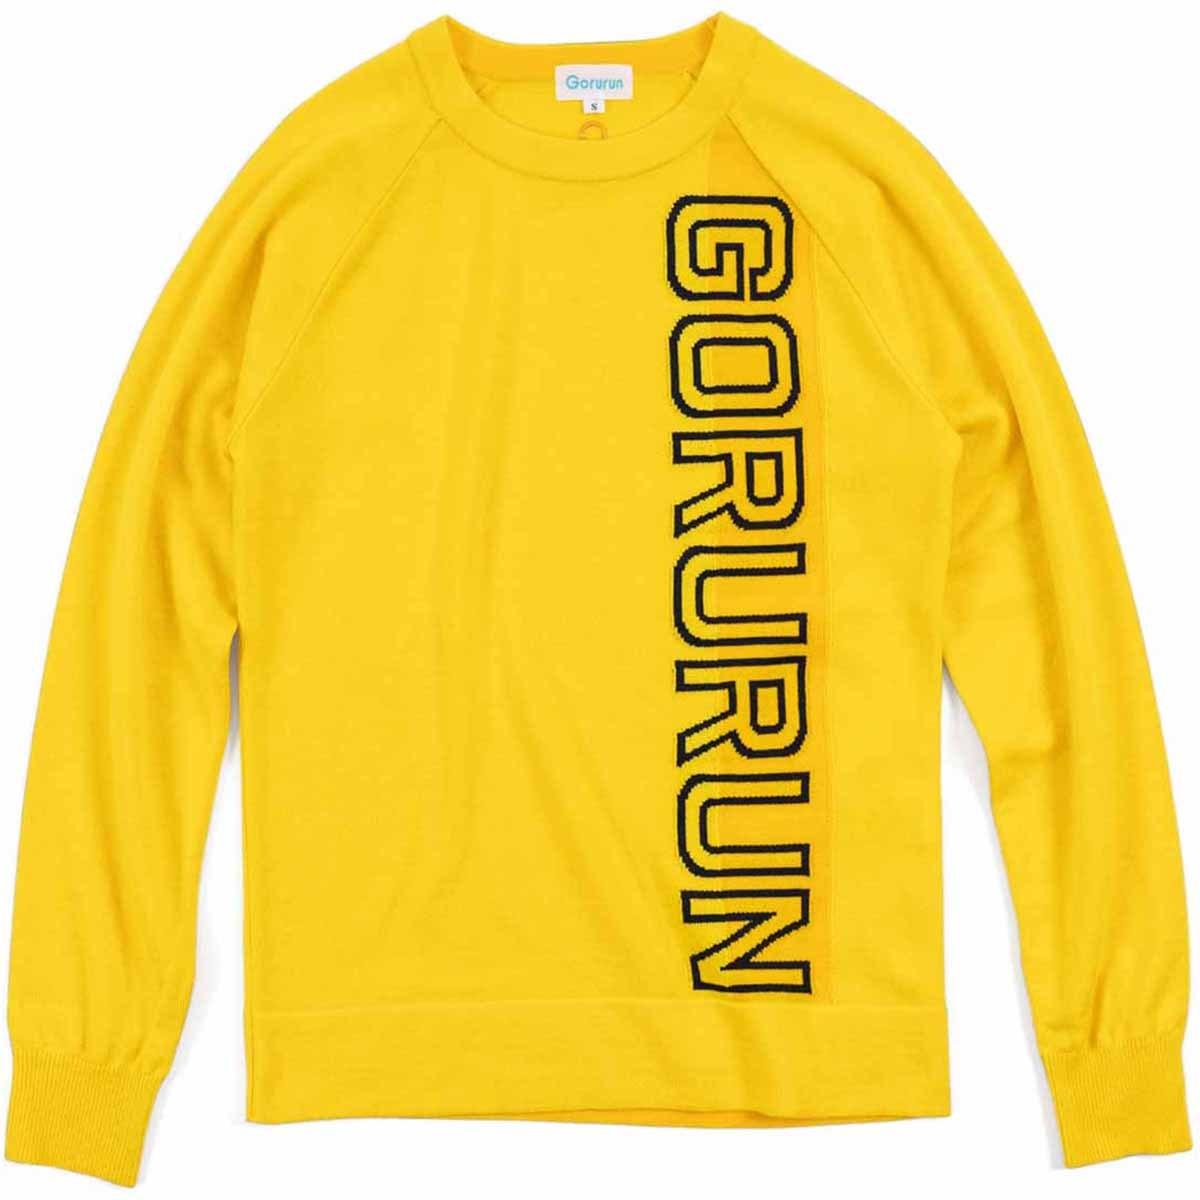 ごるらん バーチカルロゴ クルーネックセーター